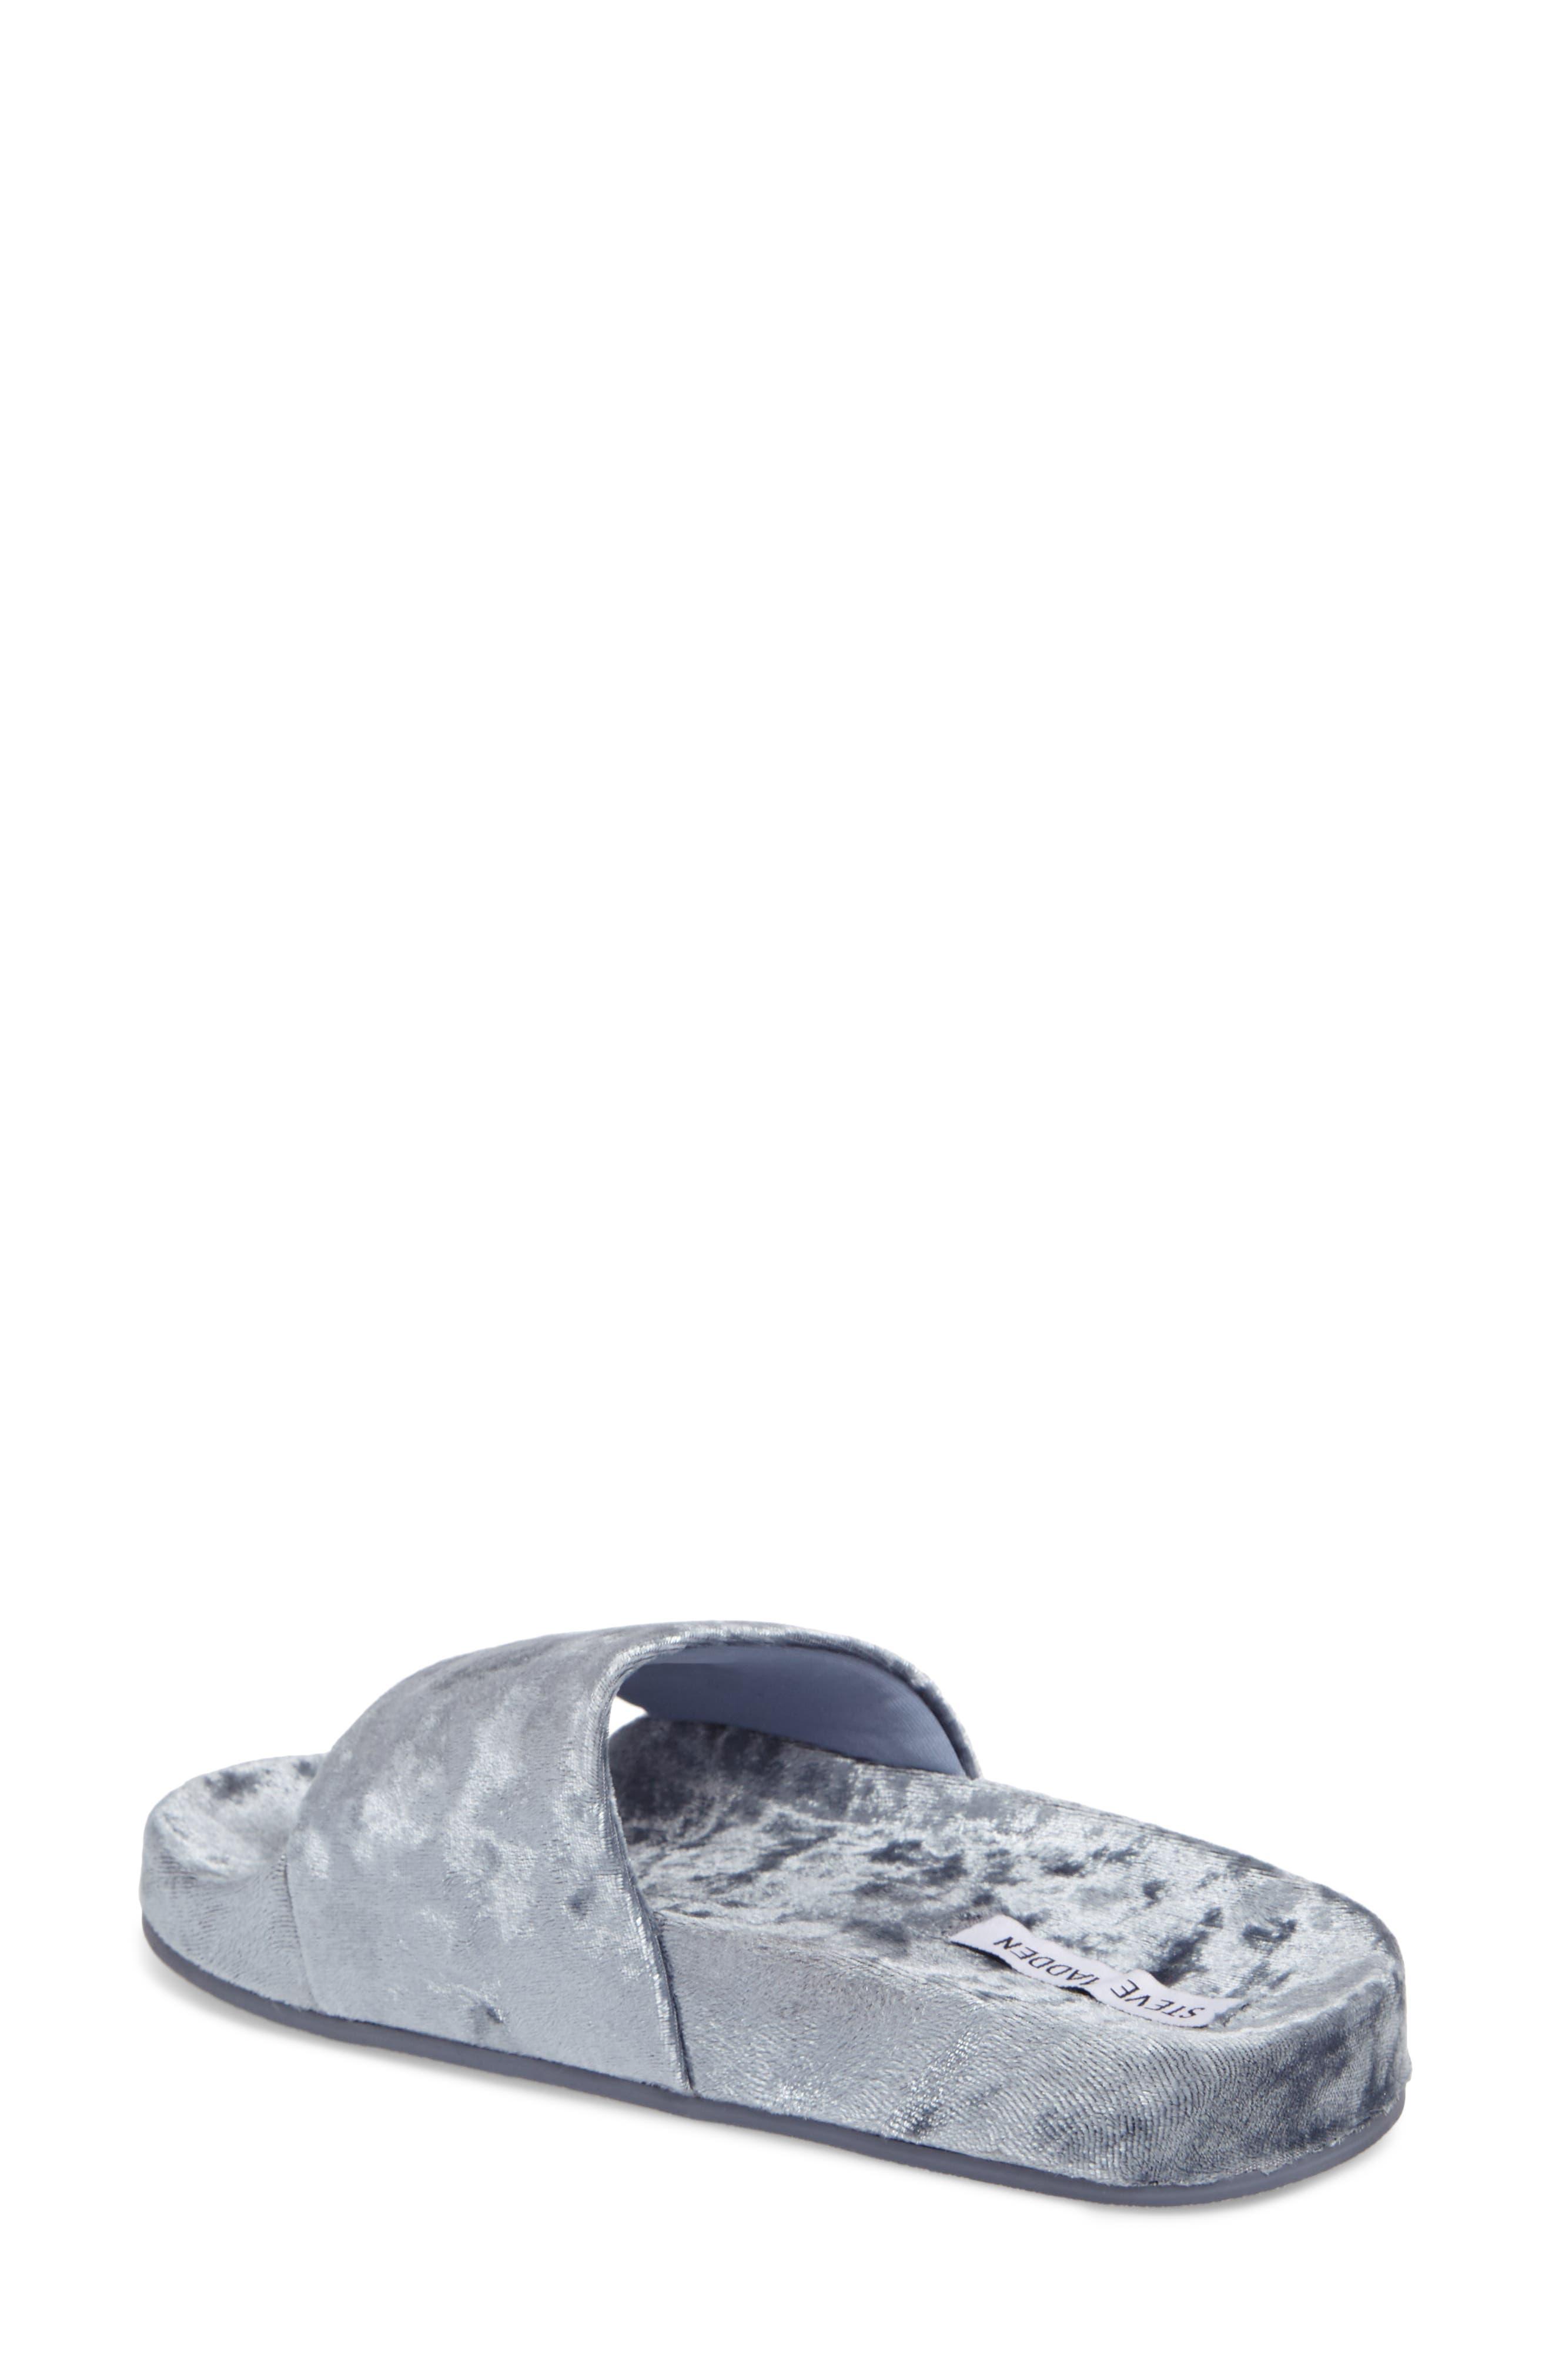 Alternate Image 2  - Steve Madden Slush Velvet Slide Sandal (Women)